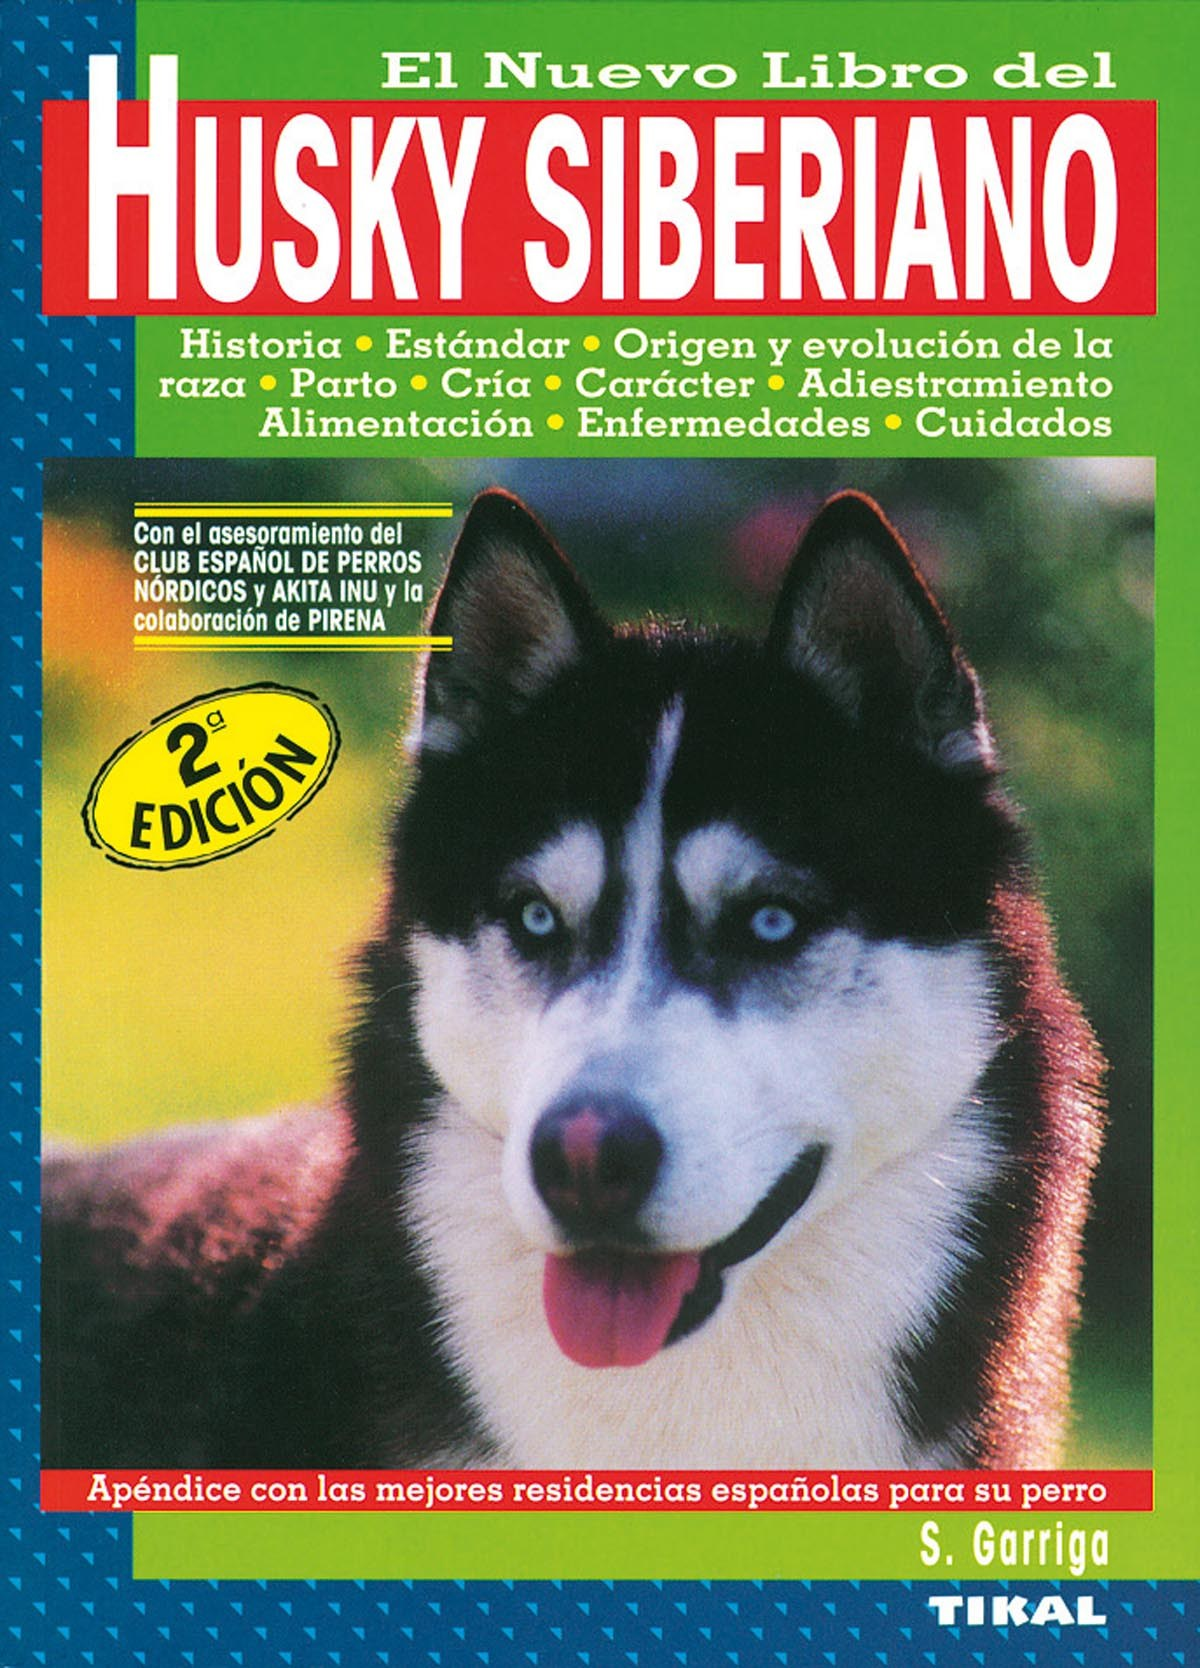 Husky siberiano. 9788430582297